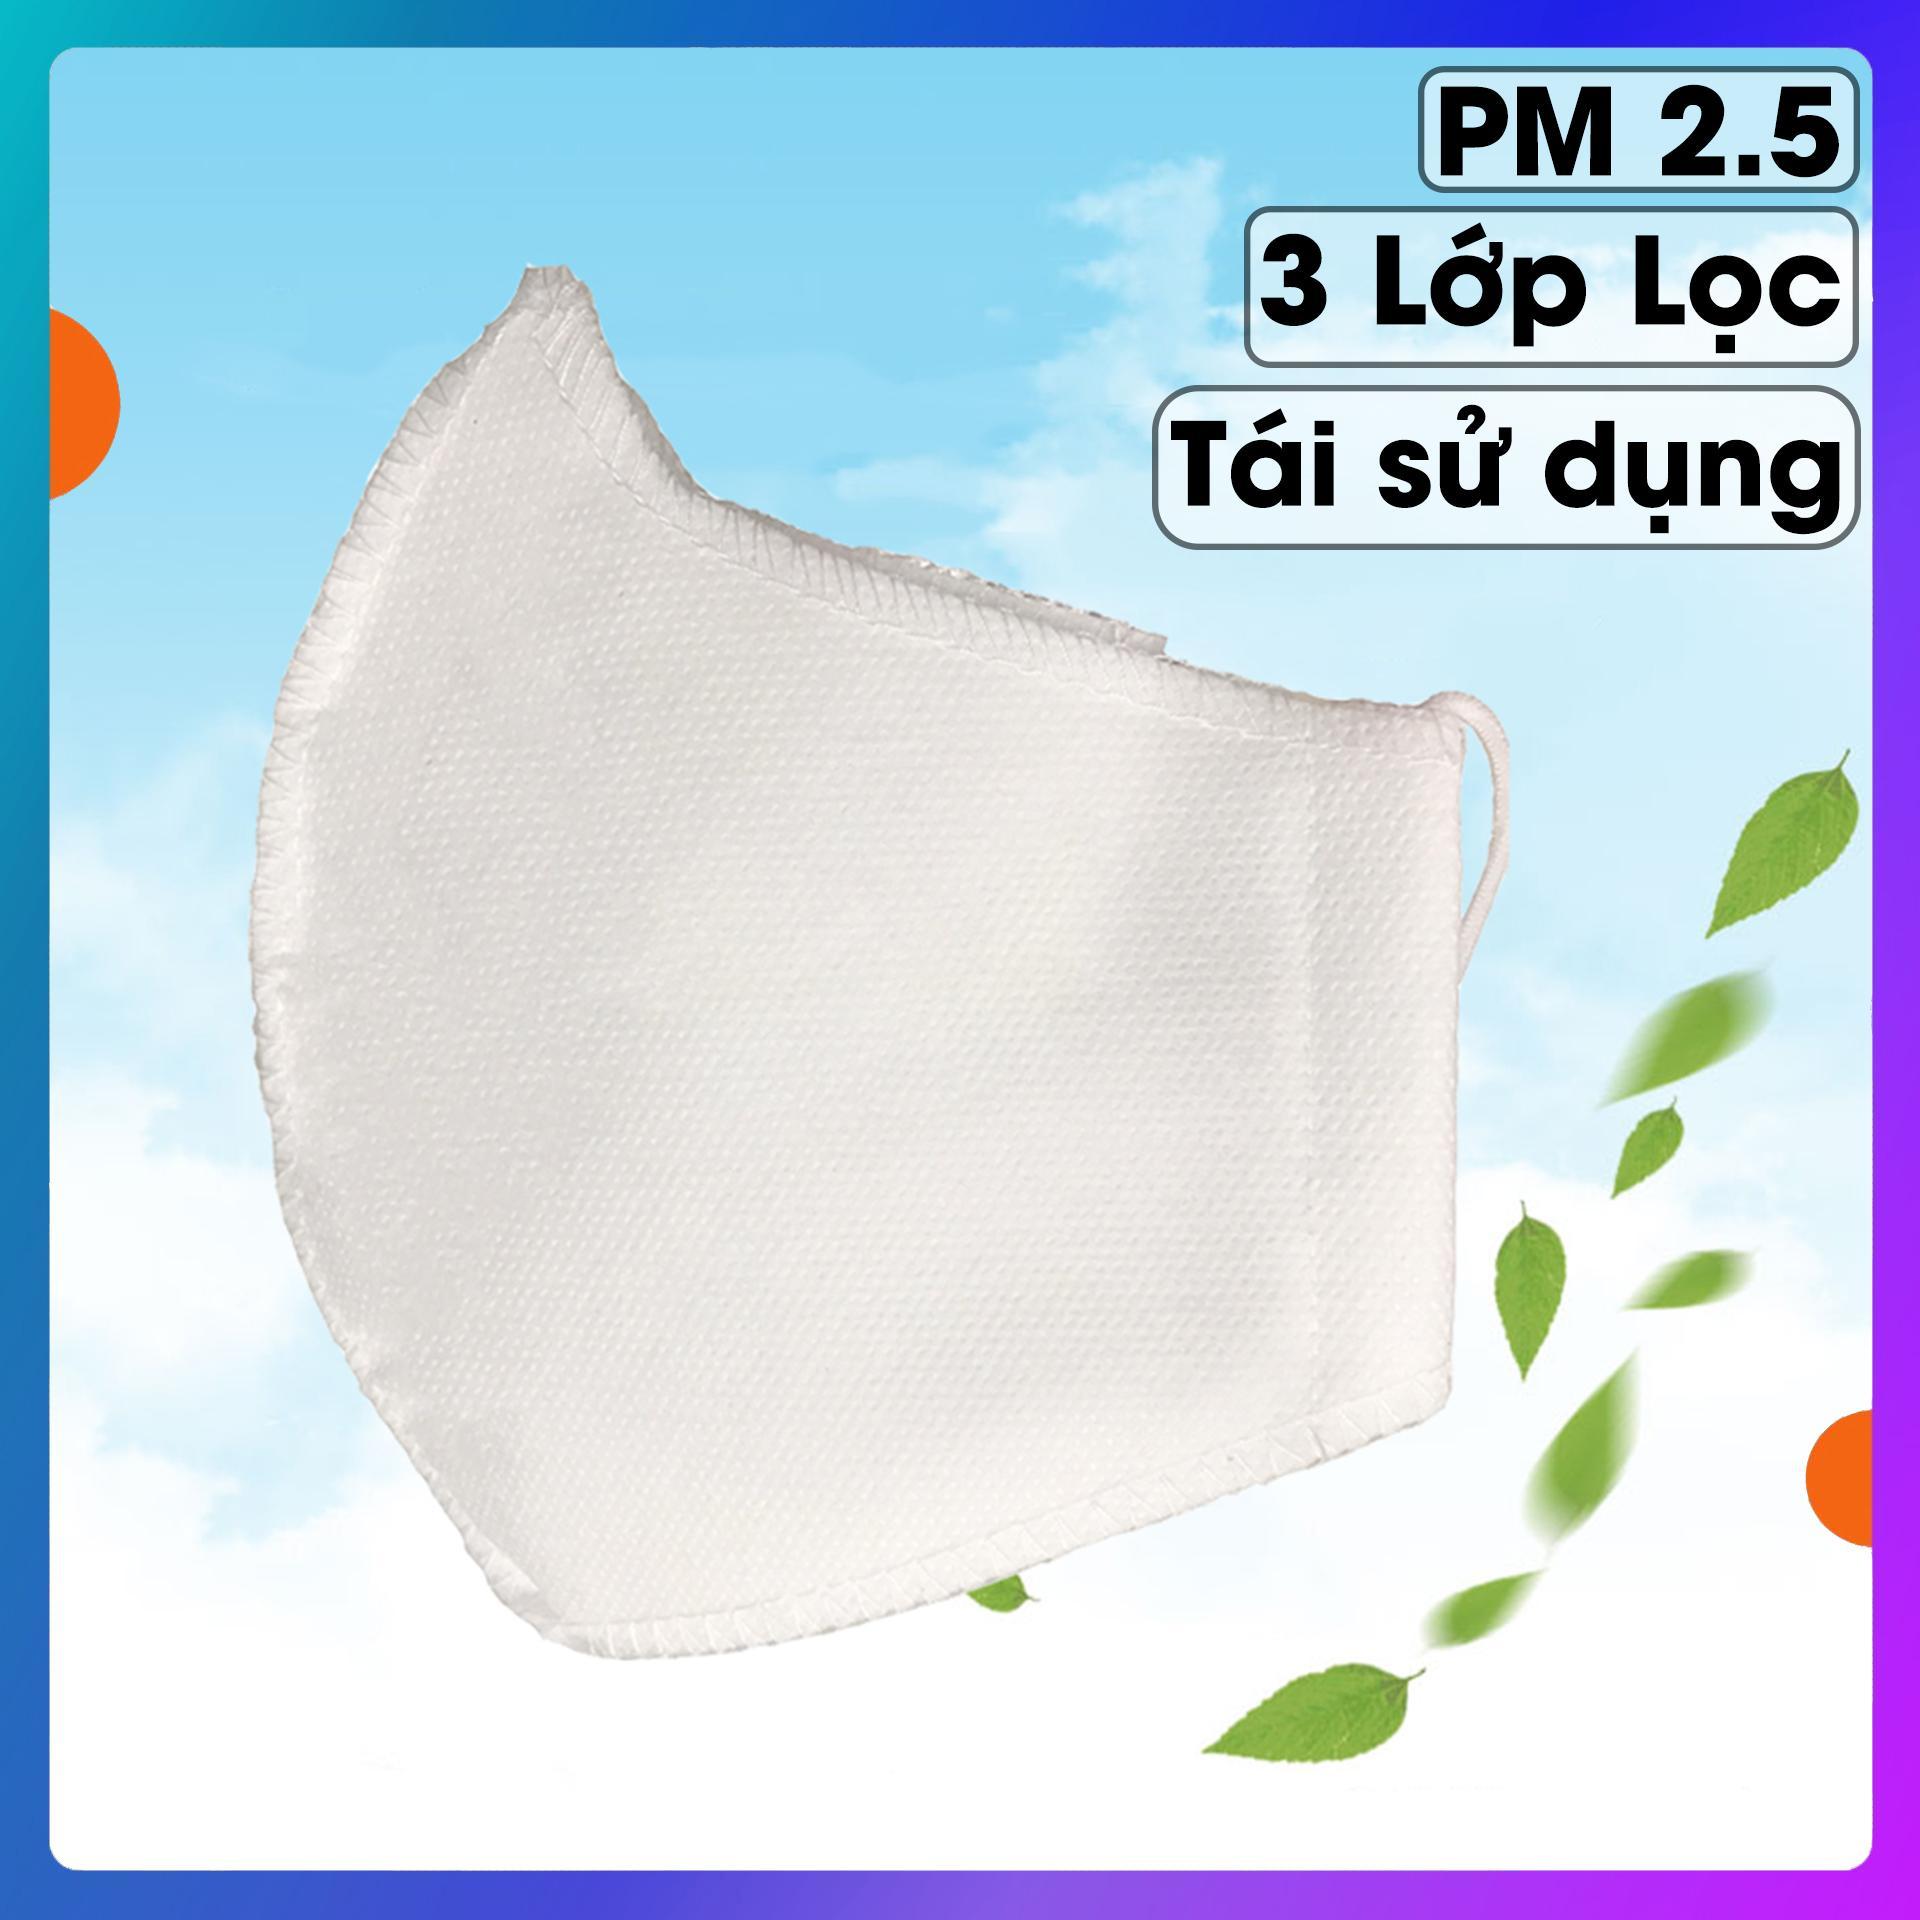 Khẩu trang chống bụi mịn 3 lớp tiêu chuẩn PM2.5 kháng khuẩn. Chất liệu màng lọc vi khuẩn tăng cường và sợi dệt cao cấp (1 CHIẾC)